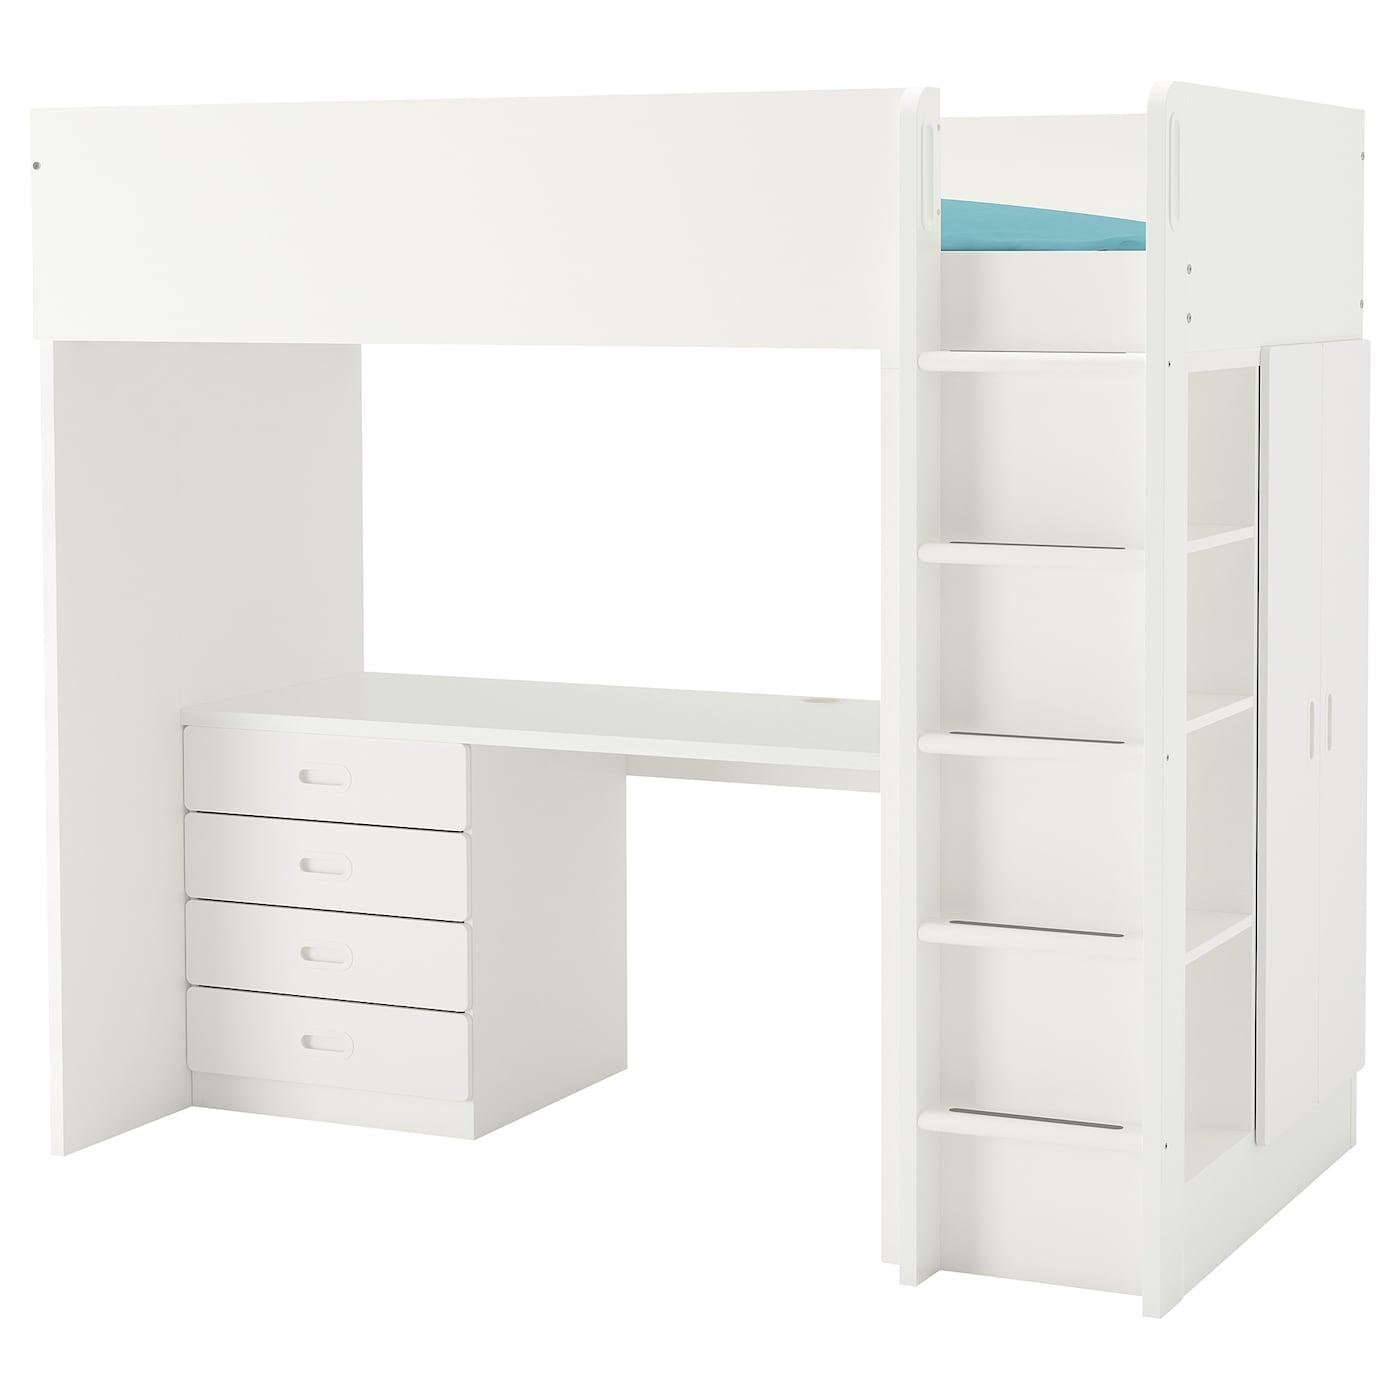 IKEA STUVA biało kombinacja ramy łóżka na antresoli z biurkiem, komodą z czterema szufladami i szafką z parą drzwi FRITIDS, 207x99x182 cm